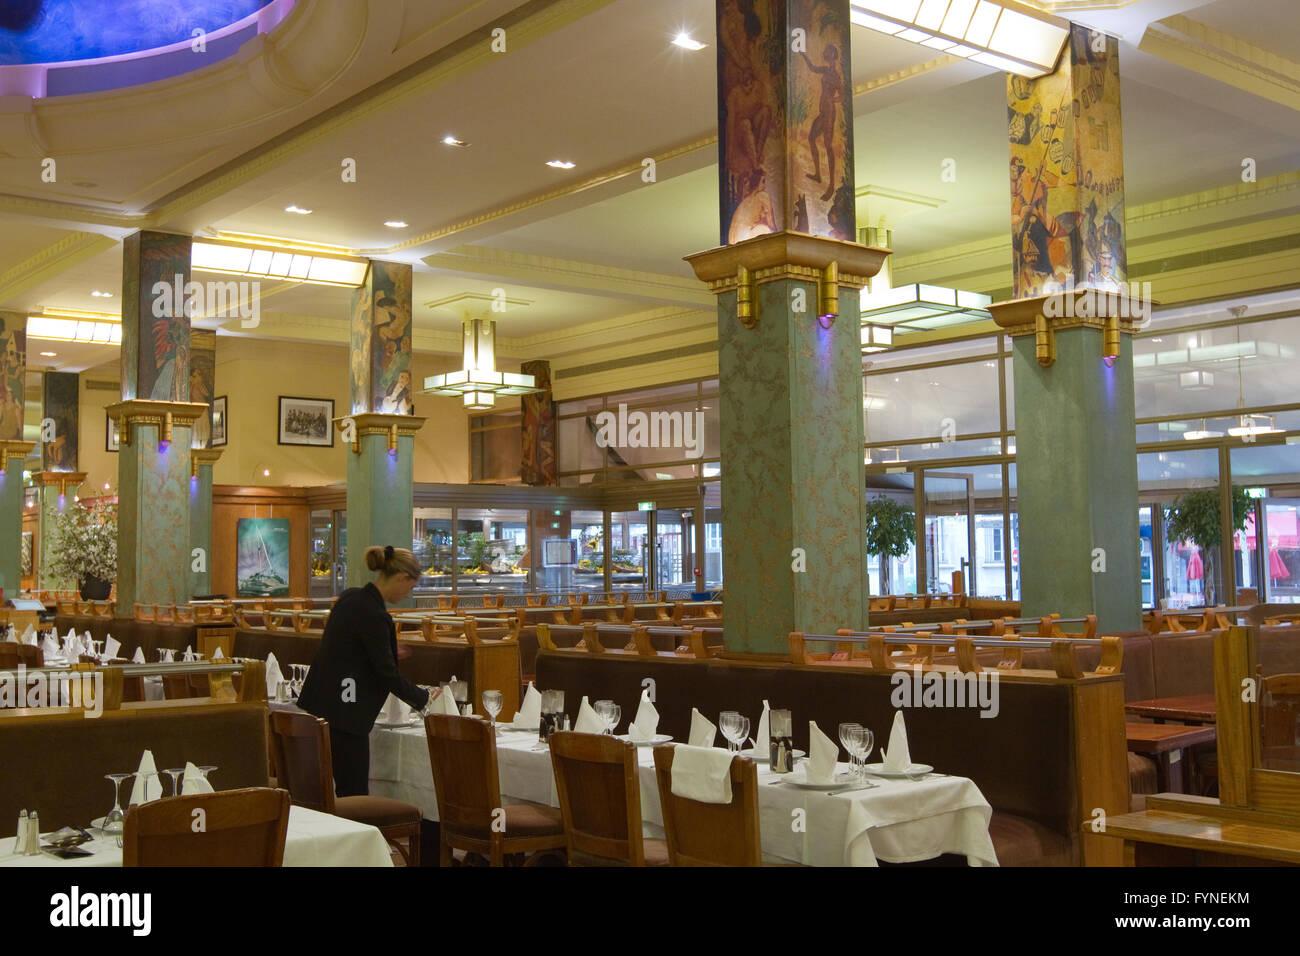 La Coupole restaurant in Montparnasse Paris France Stock Photo